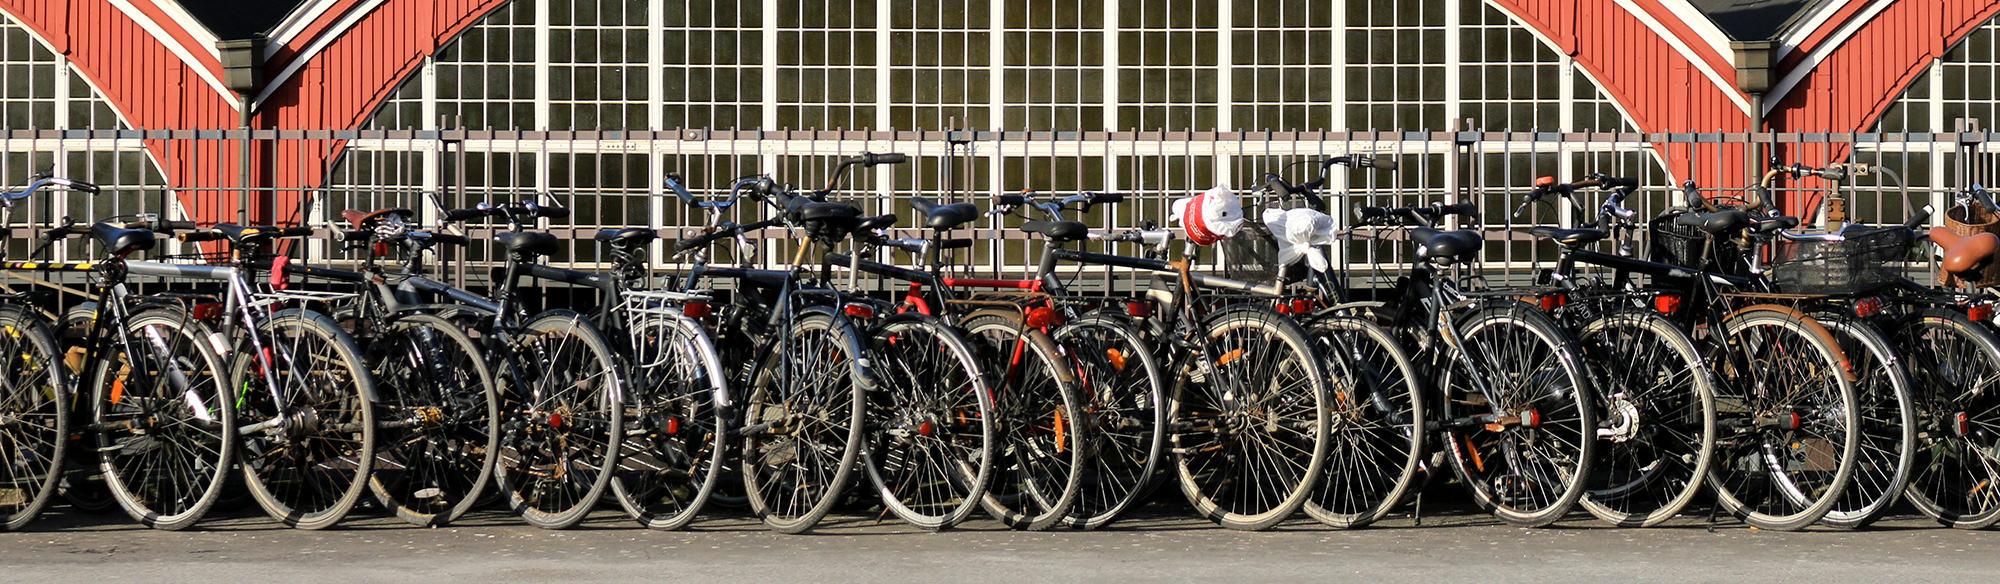 Copenaghen città sostenibile a due ruote